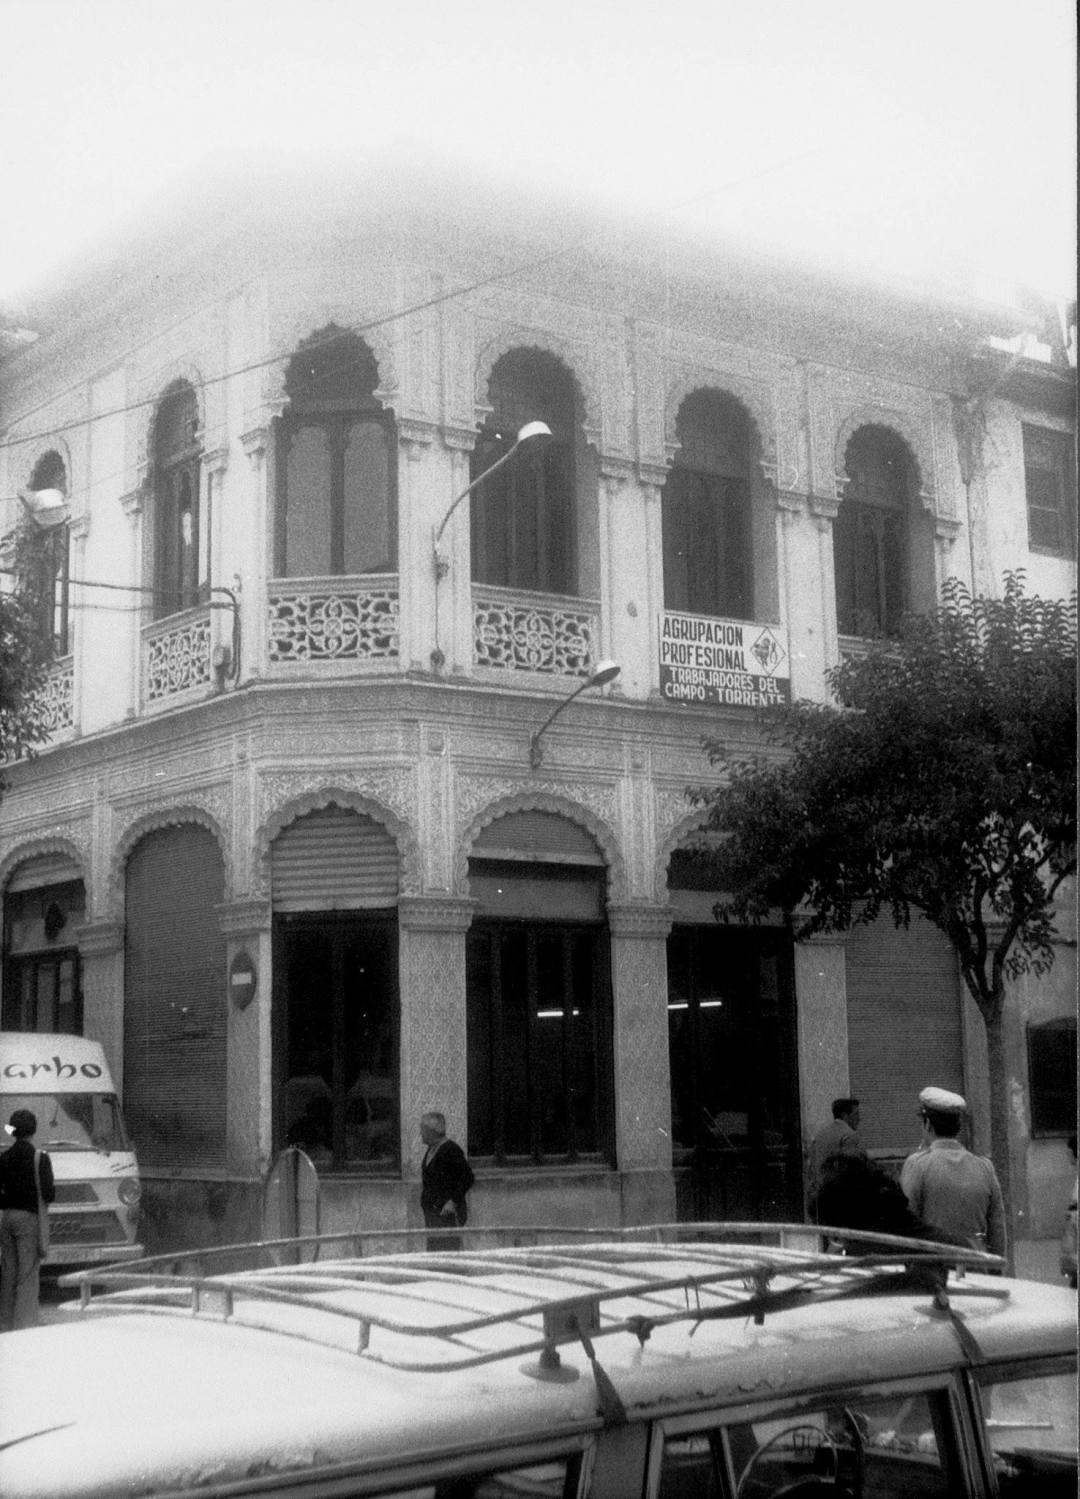 Fotografía del edificio donde estuvo Alhambra y donde estaba Casa Tudela y Ca Peña, además del local de ensayo de La Unión Musical de Torrente. Años 60.